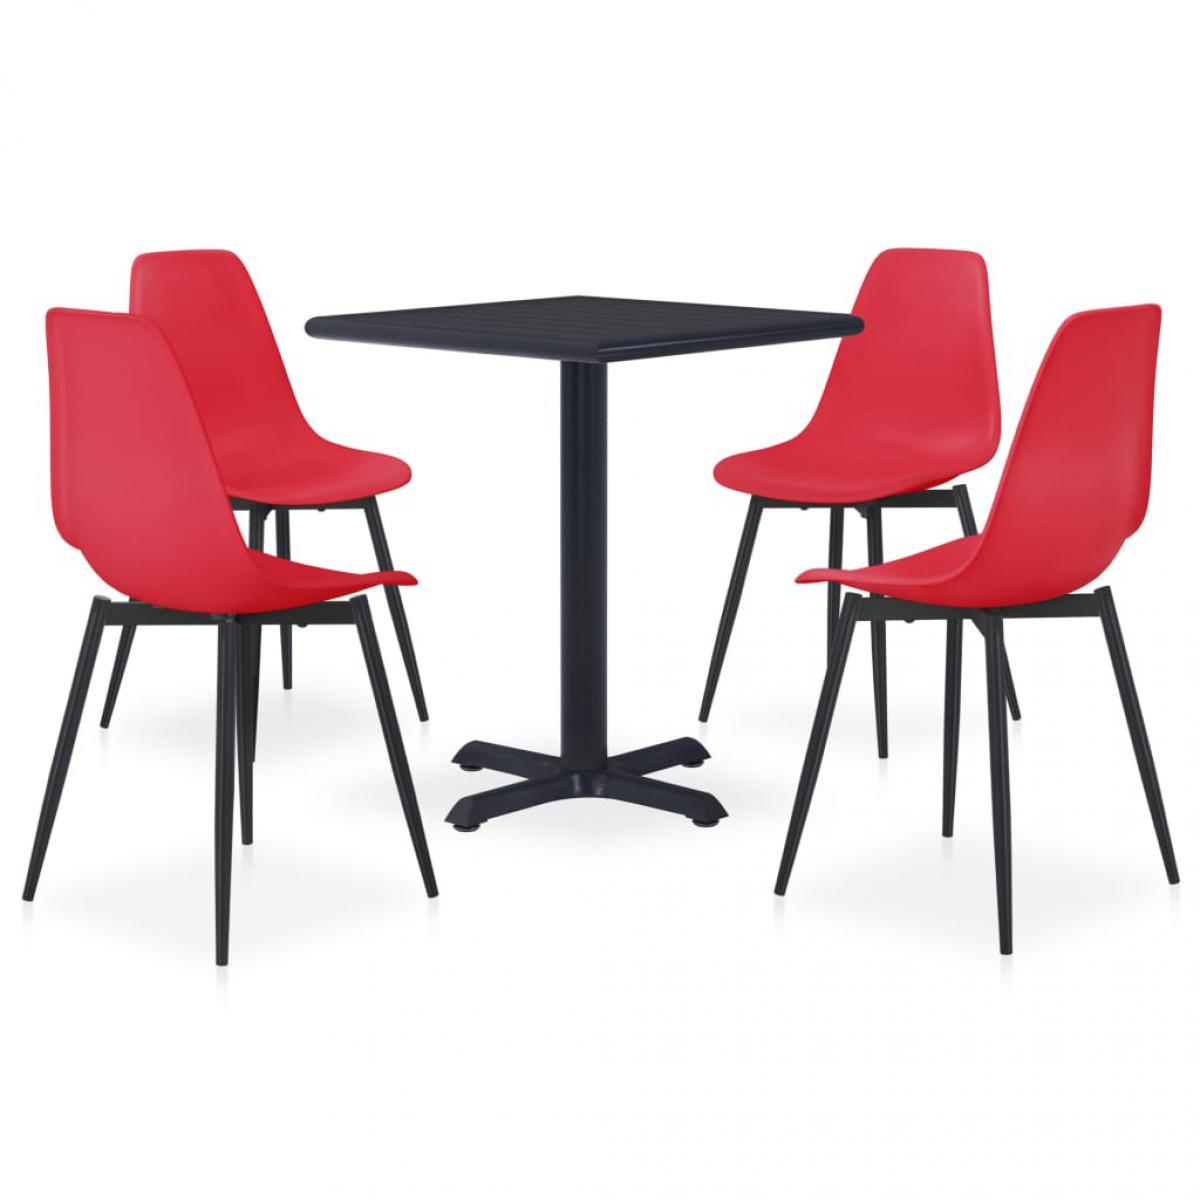 Vidaxl vidaXL Ensemble de salle à manger d'extérieur 5 pcs Métal et PP Rouge